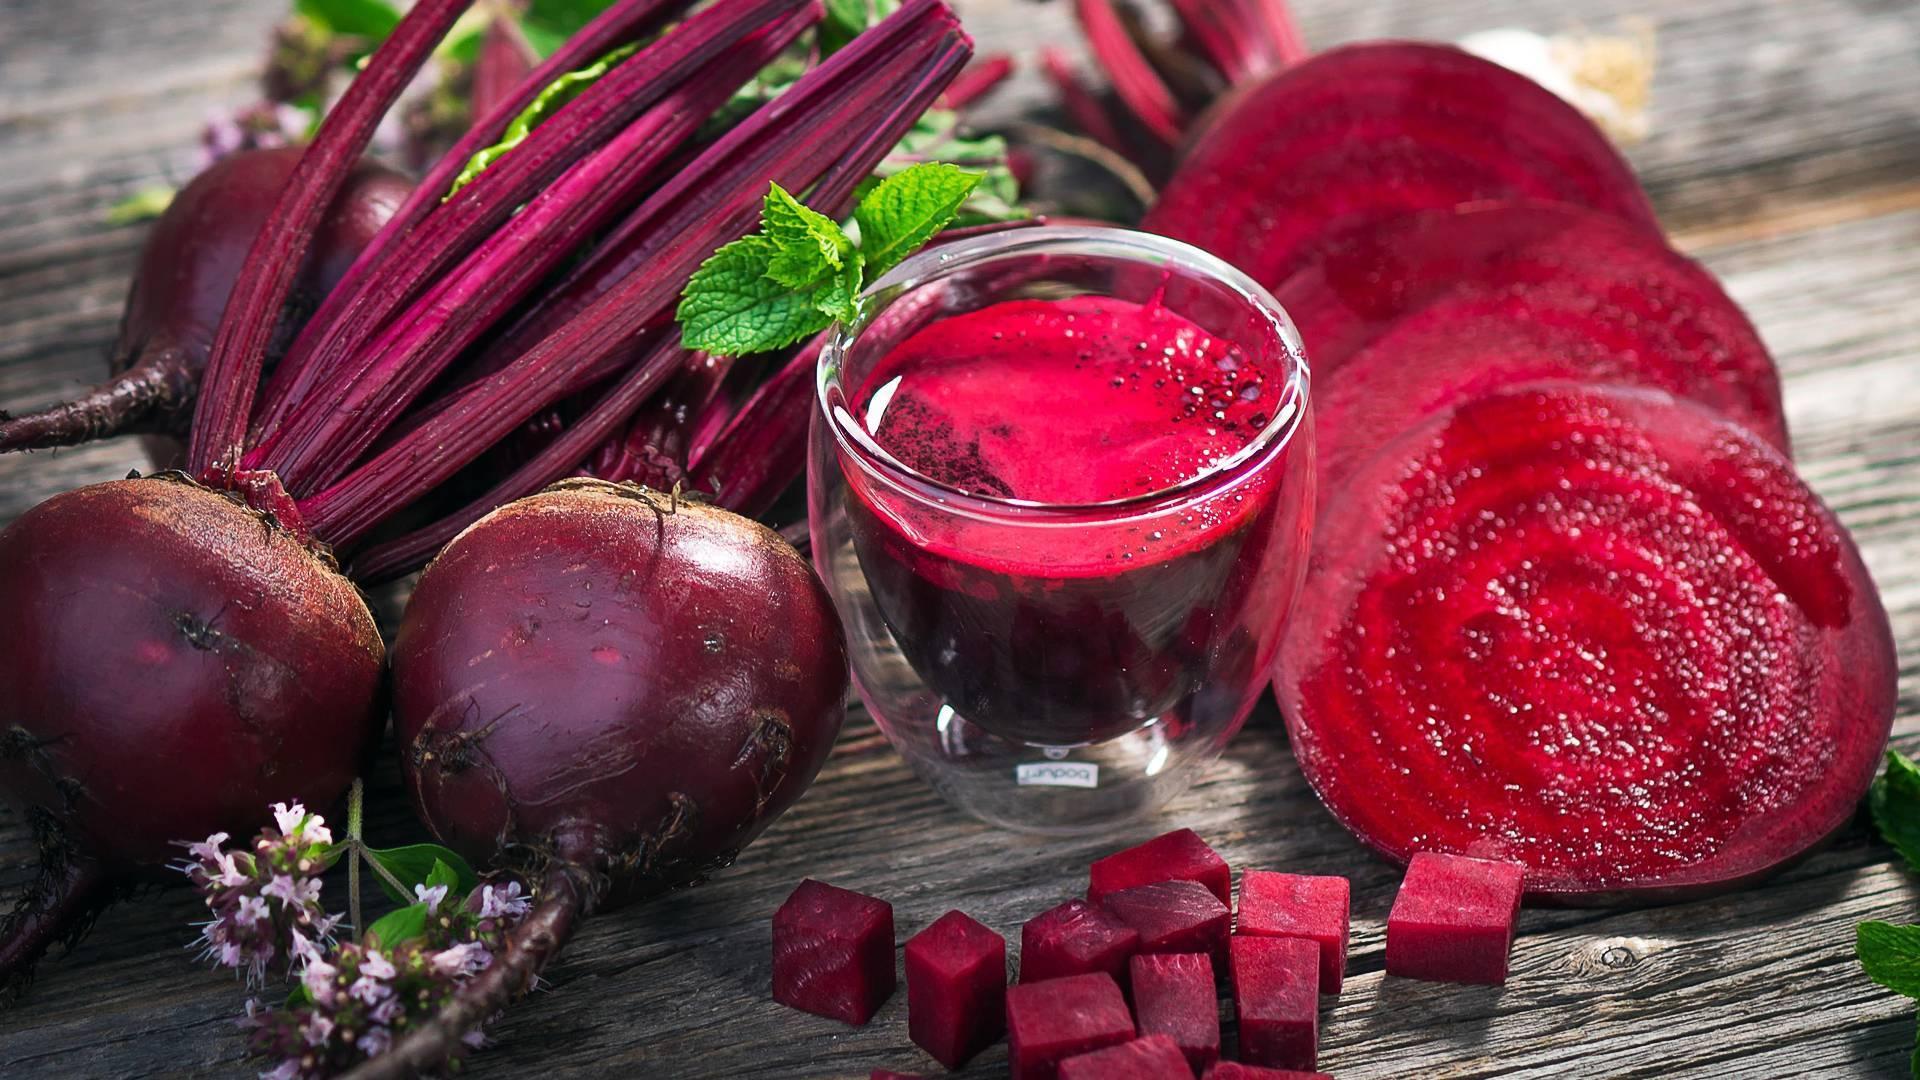 Польза и вред для печени свекольного сока и вареного овоща: как проводить чистку органа в домашних условиях, использовать для этого сырой корнеплод или нет?